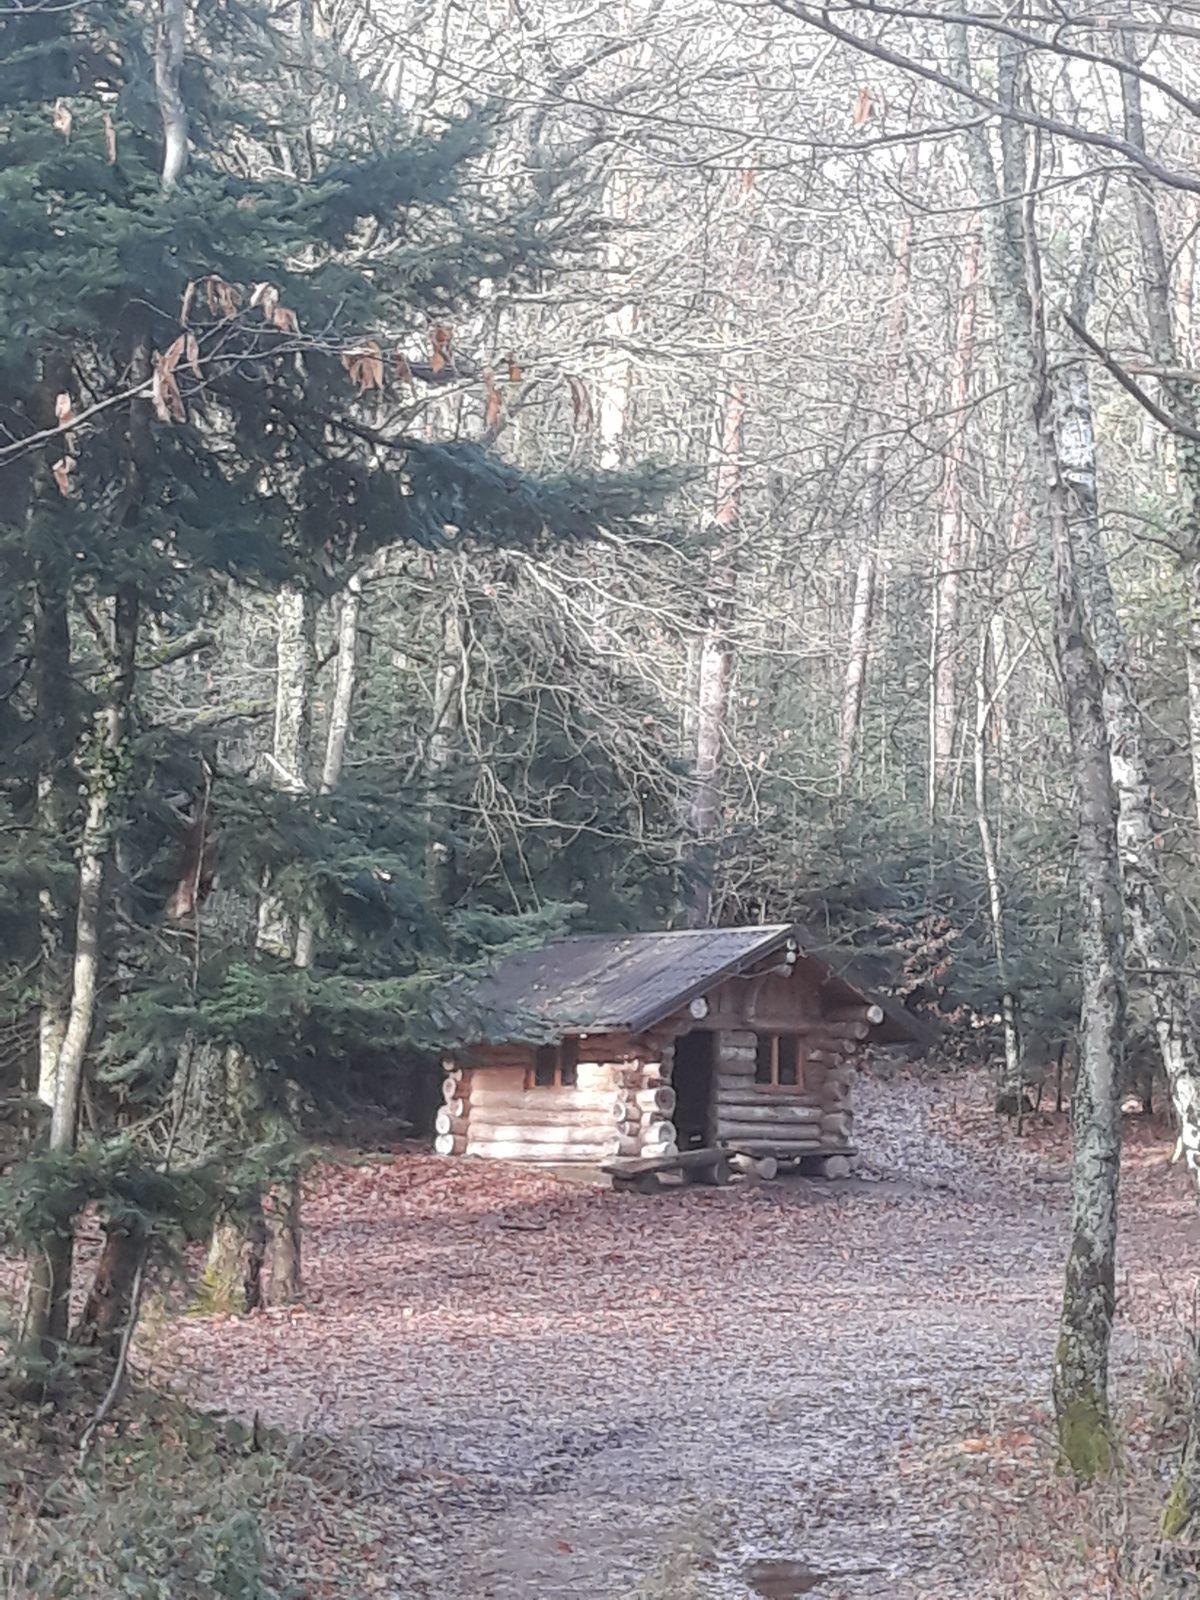 Randonnée au départ d'Orschwihr - mercredi 19 décembre 2018